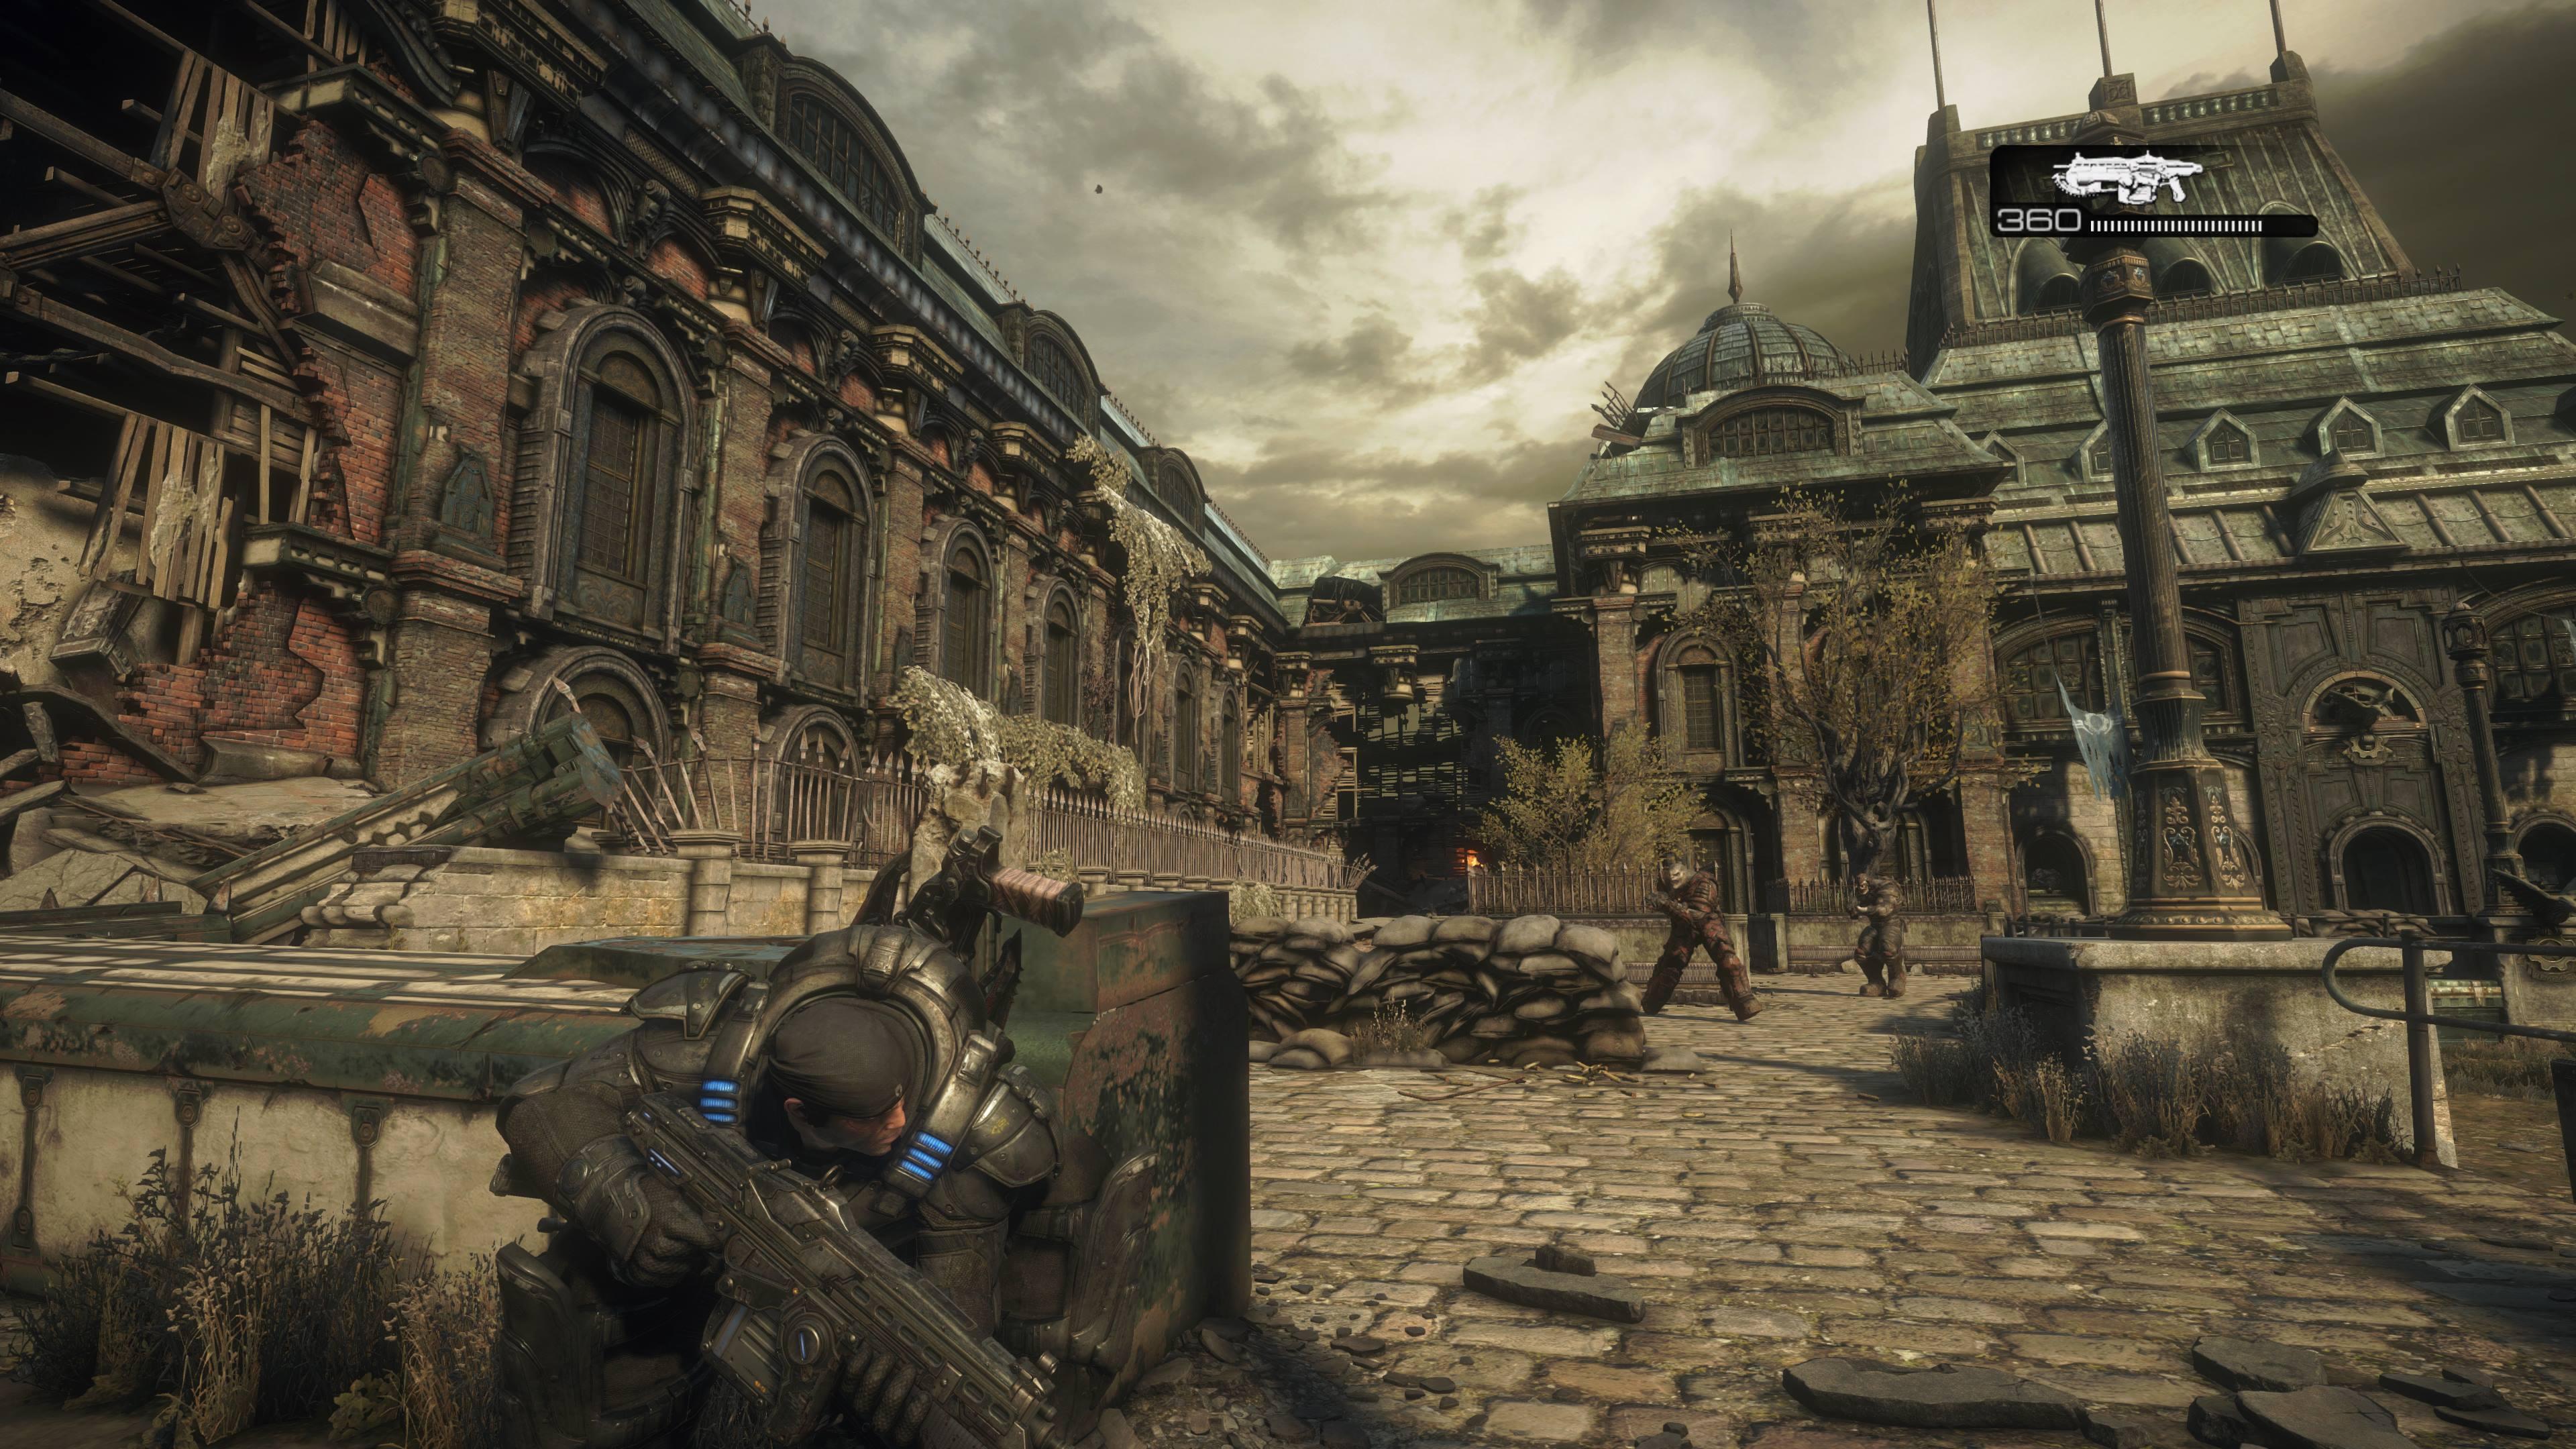 Gears of War til Windows 10 har noen vanvittige teksturer, men effektgalleriet er stort sett som man kjenner dem fra Xbox-versjonen.